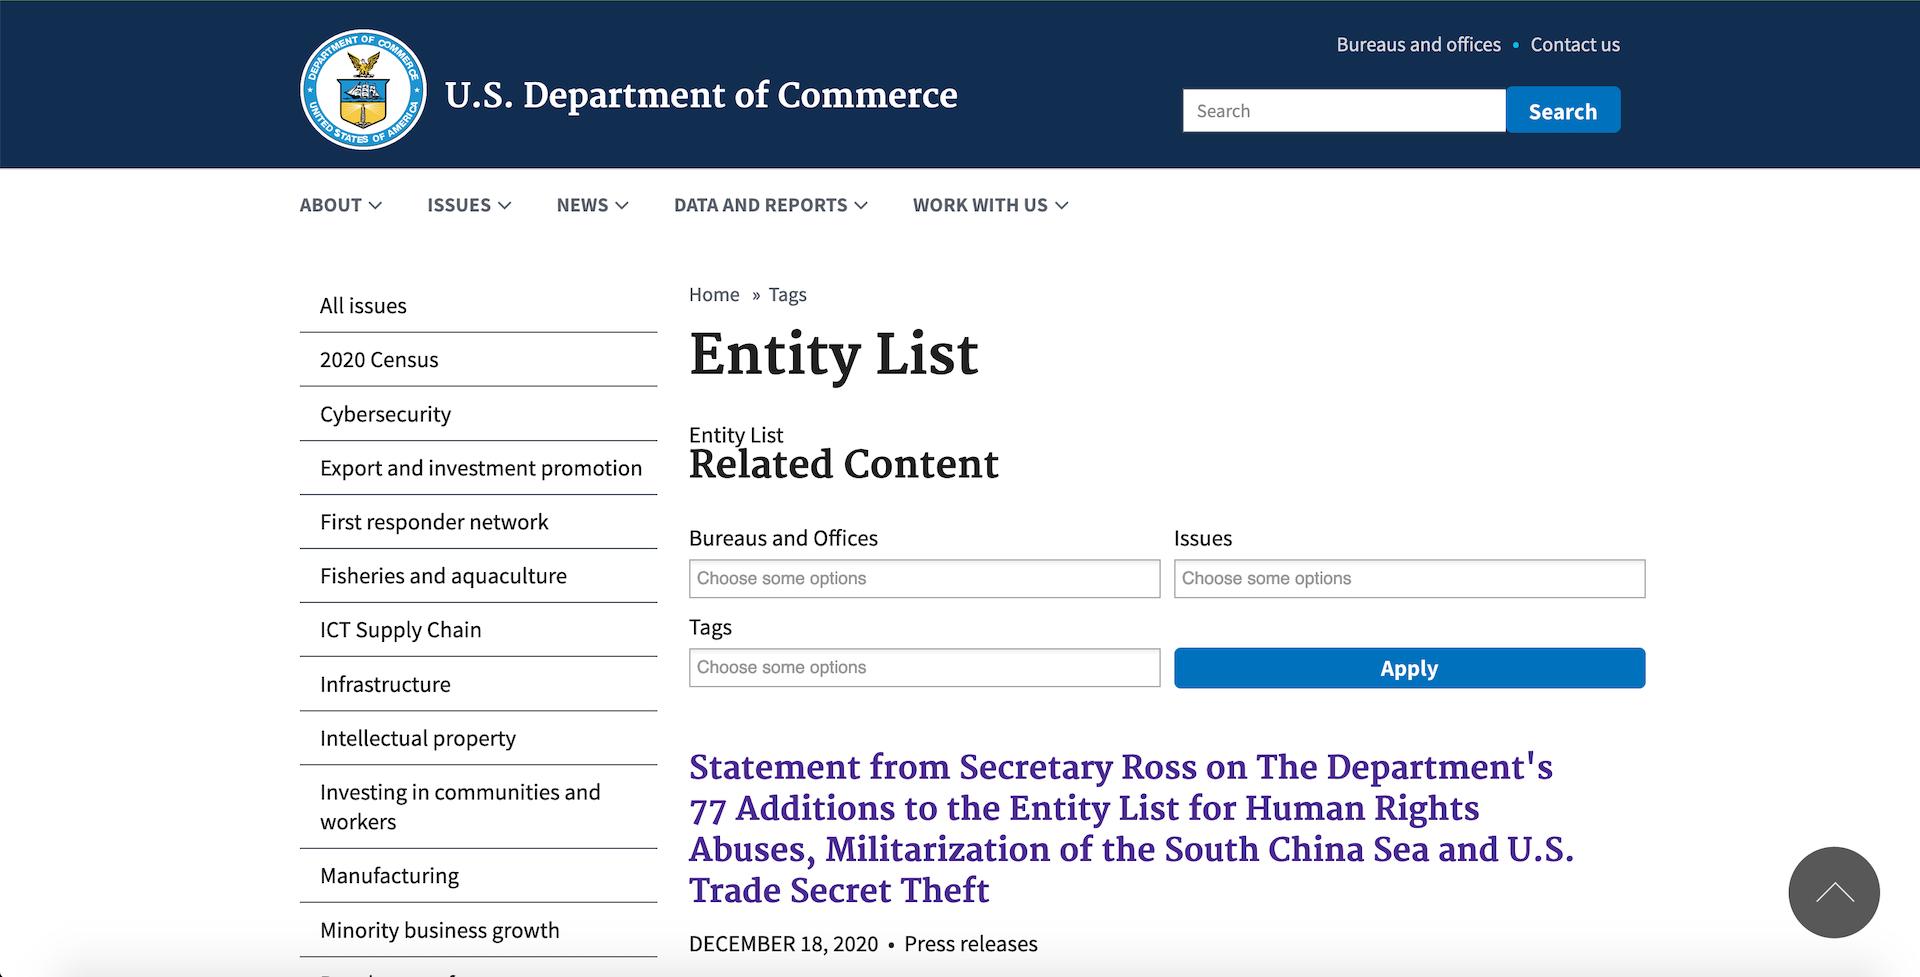 DJI 被美國商務部列入貿易黑名單 原因包括這些指控⋯⋯